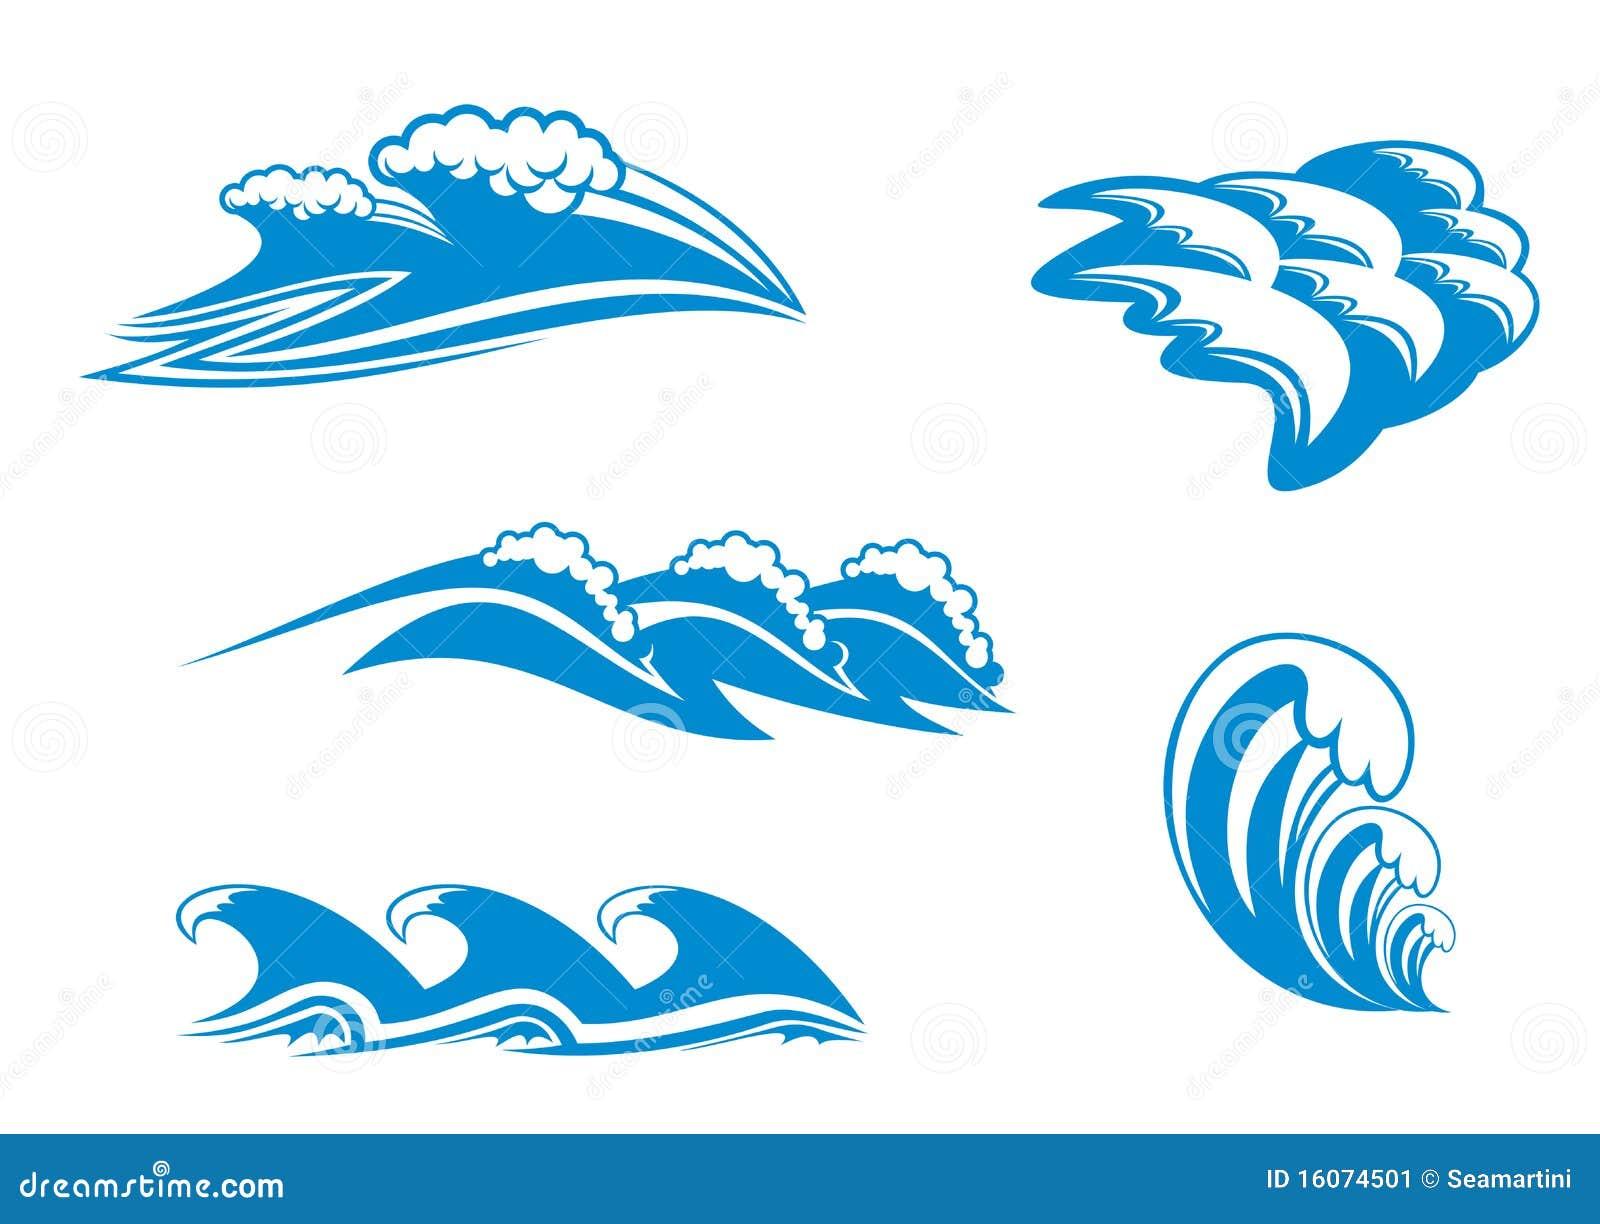 Set Of Wave Symbols Stock Image Image 16074501